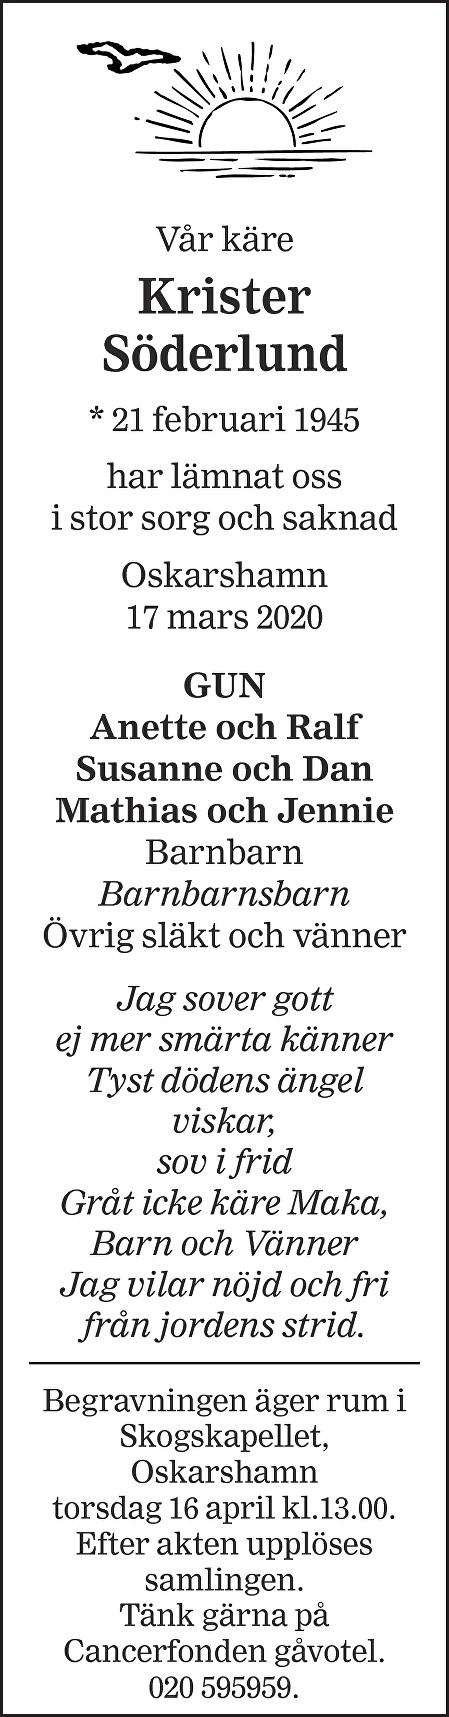 Krister Söderlund Death notice